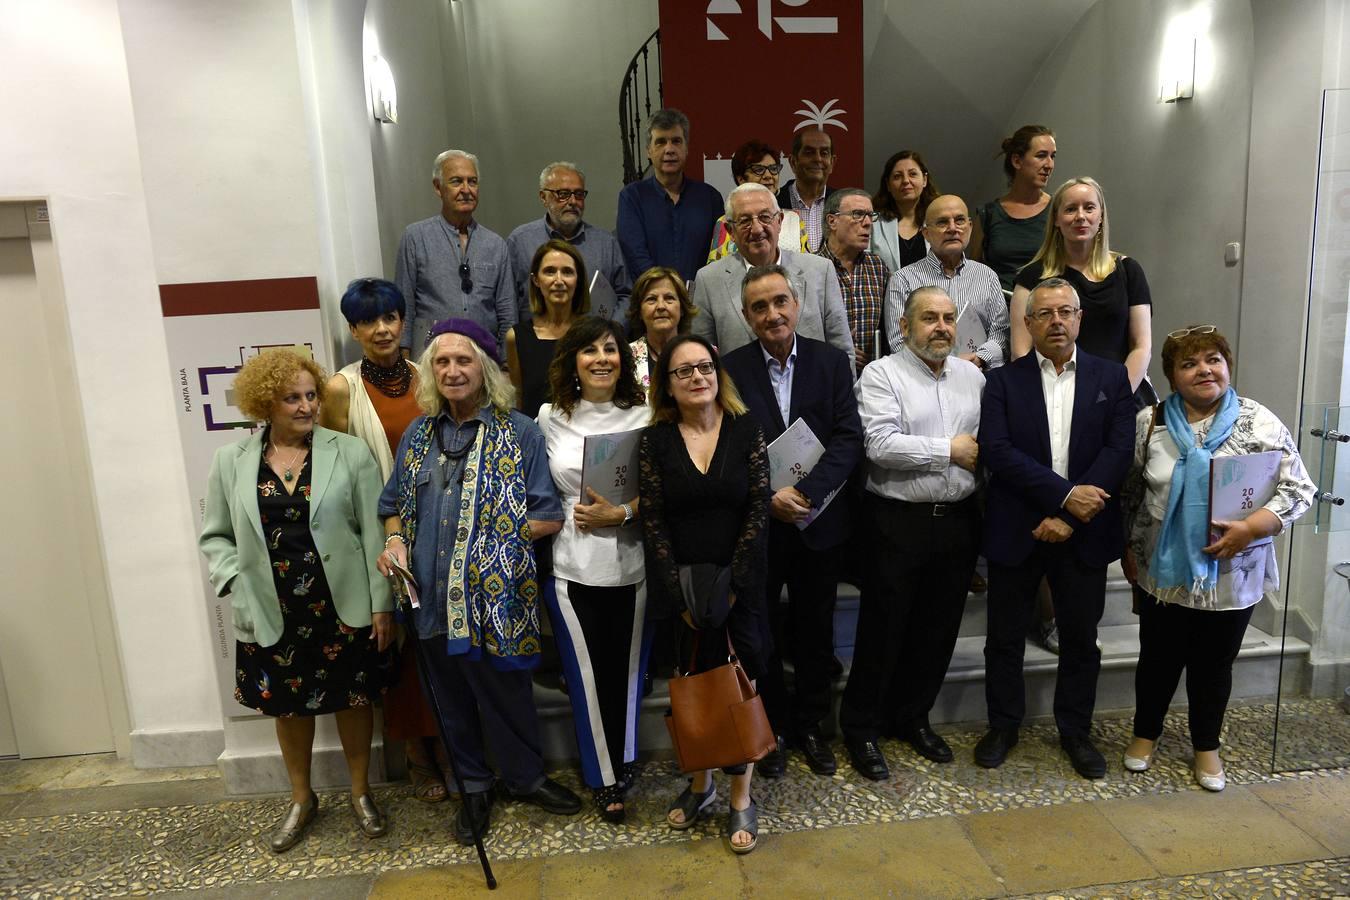 El Museo de la Ciudad de Murcia celebra su 20 aniversario